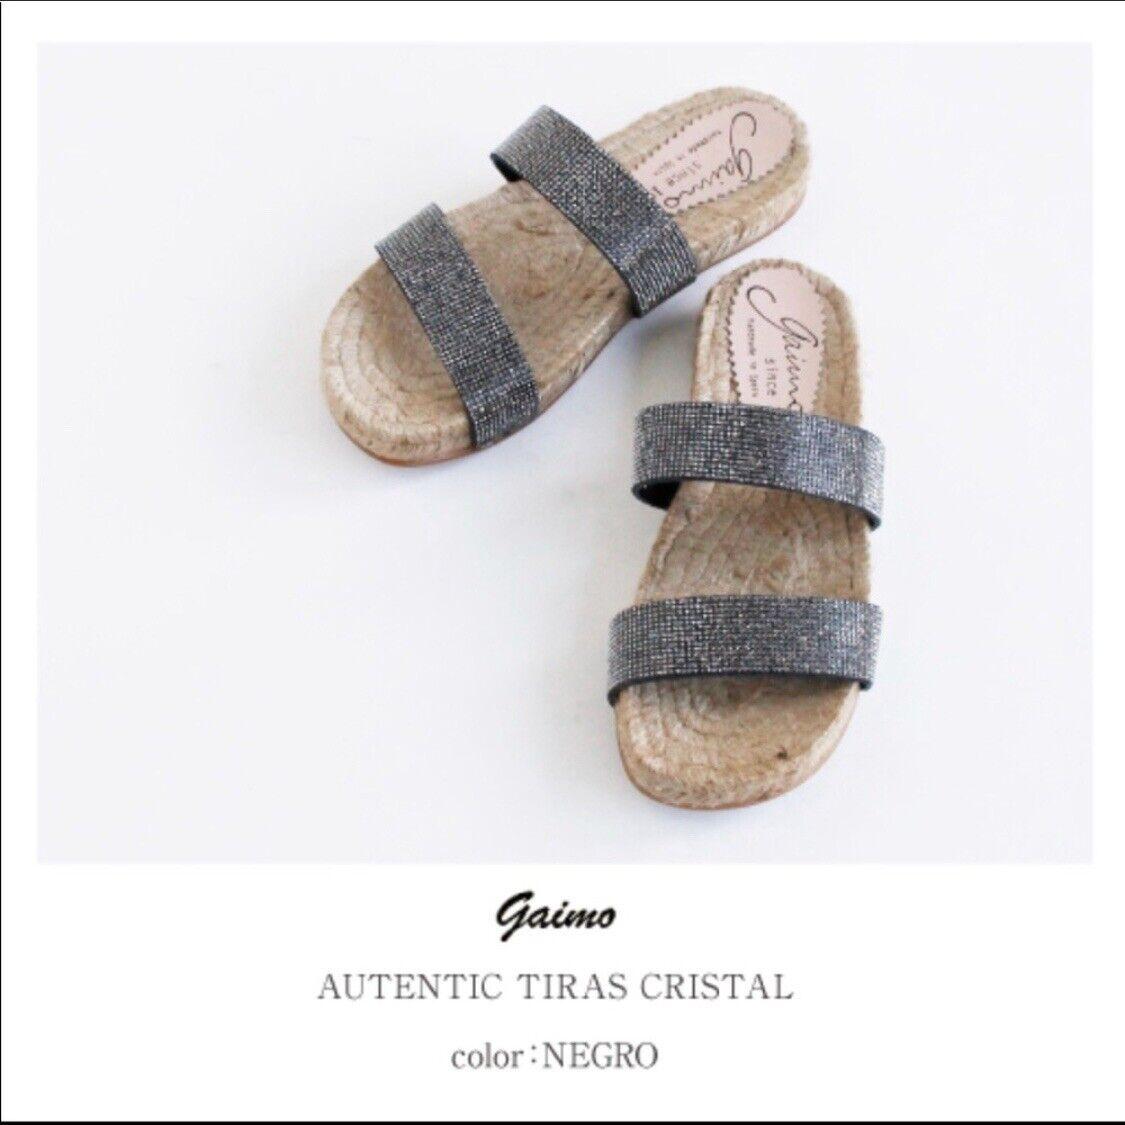 GAIMO ESPADRILLES Espagne Noir Tiras cristaux Plateforme Sandales  133 New in Box Taille 9 39